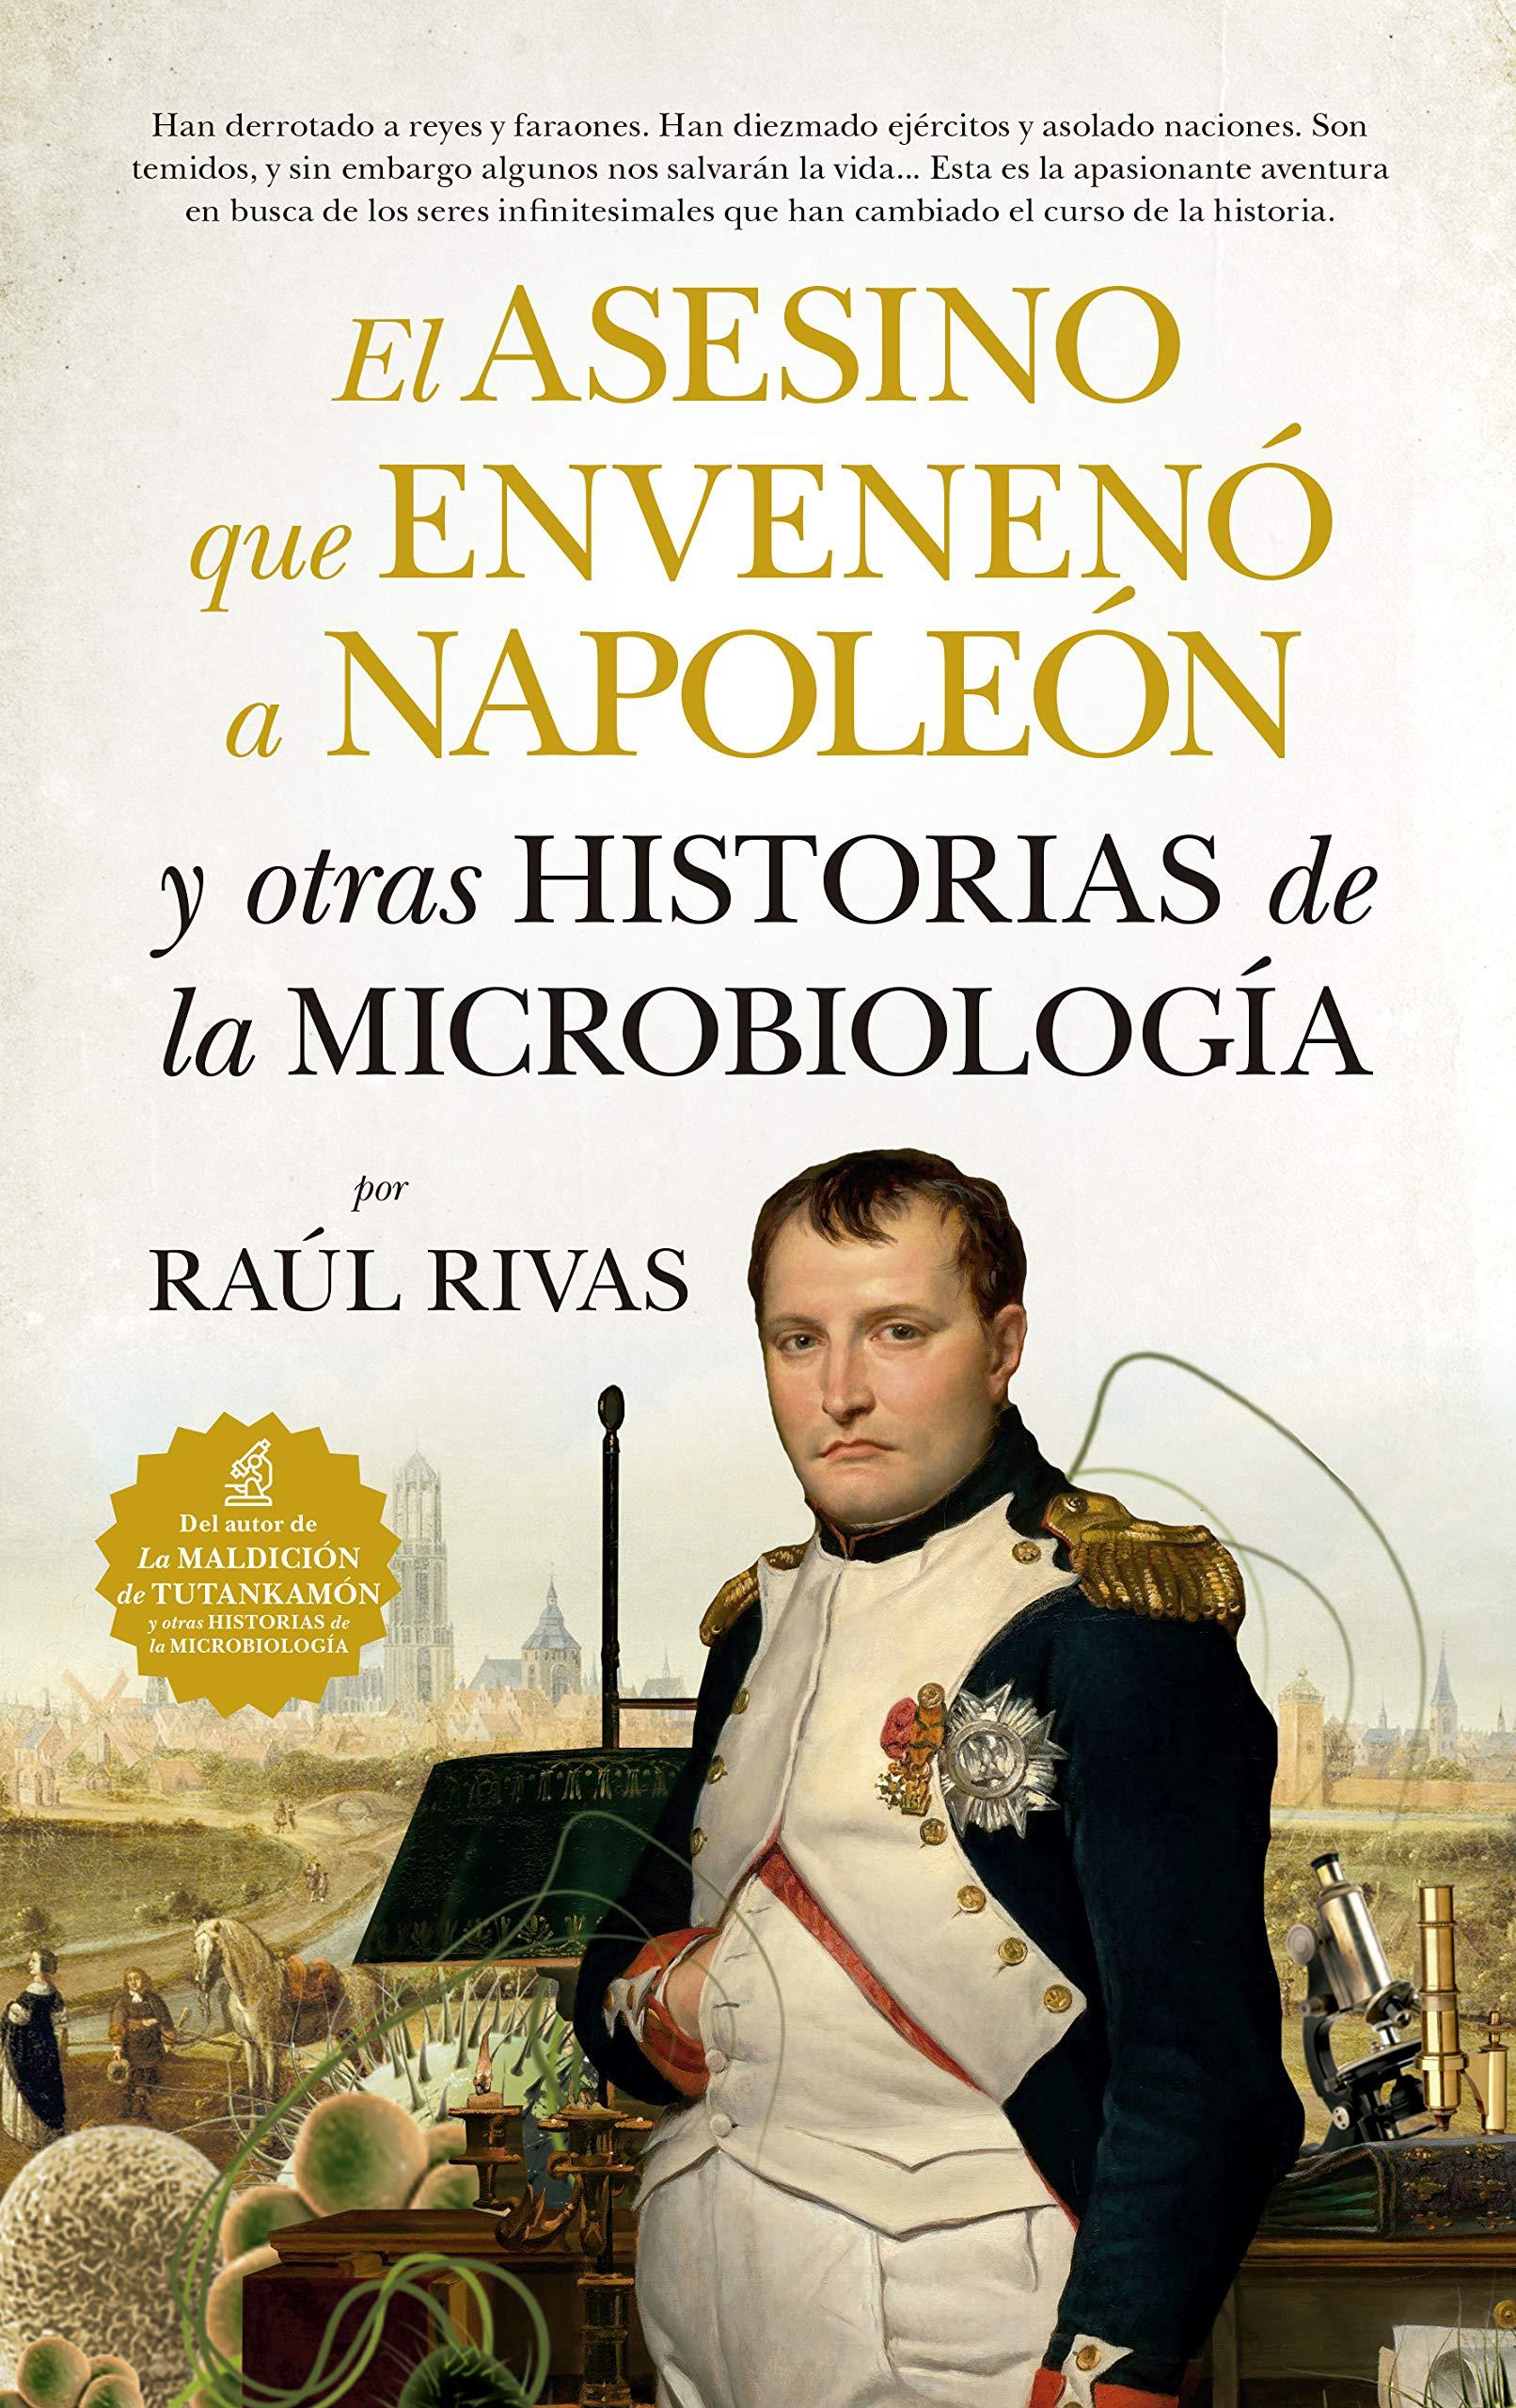 El asesino que envenenó a Napoleón y otras historias de la Microbiología Divulgación Científica: Amazon.es: Rivas González, Raúl: Libros